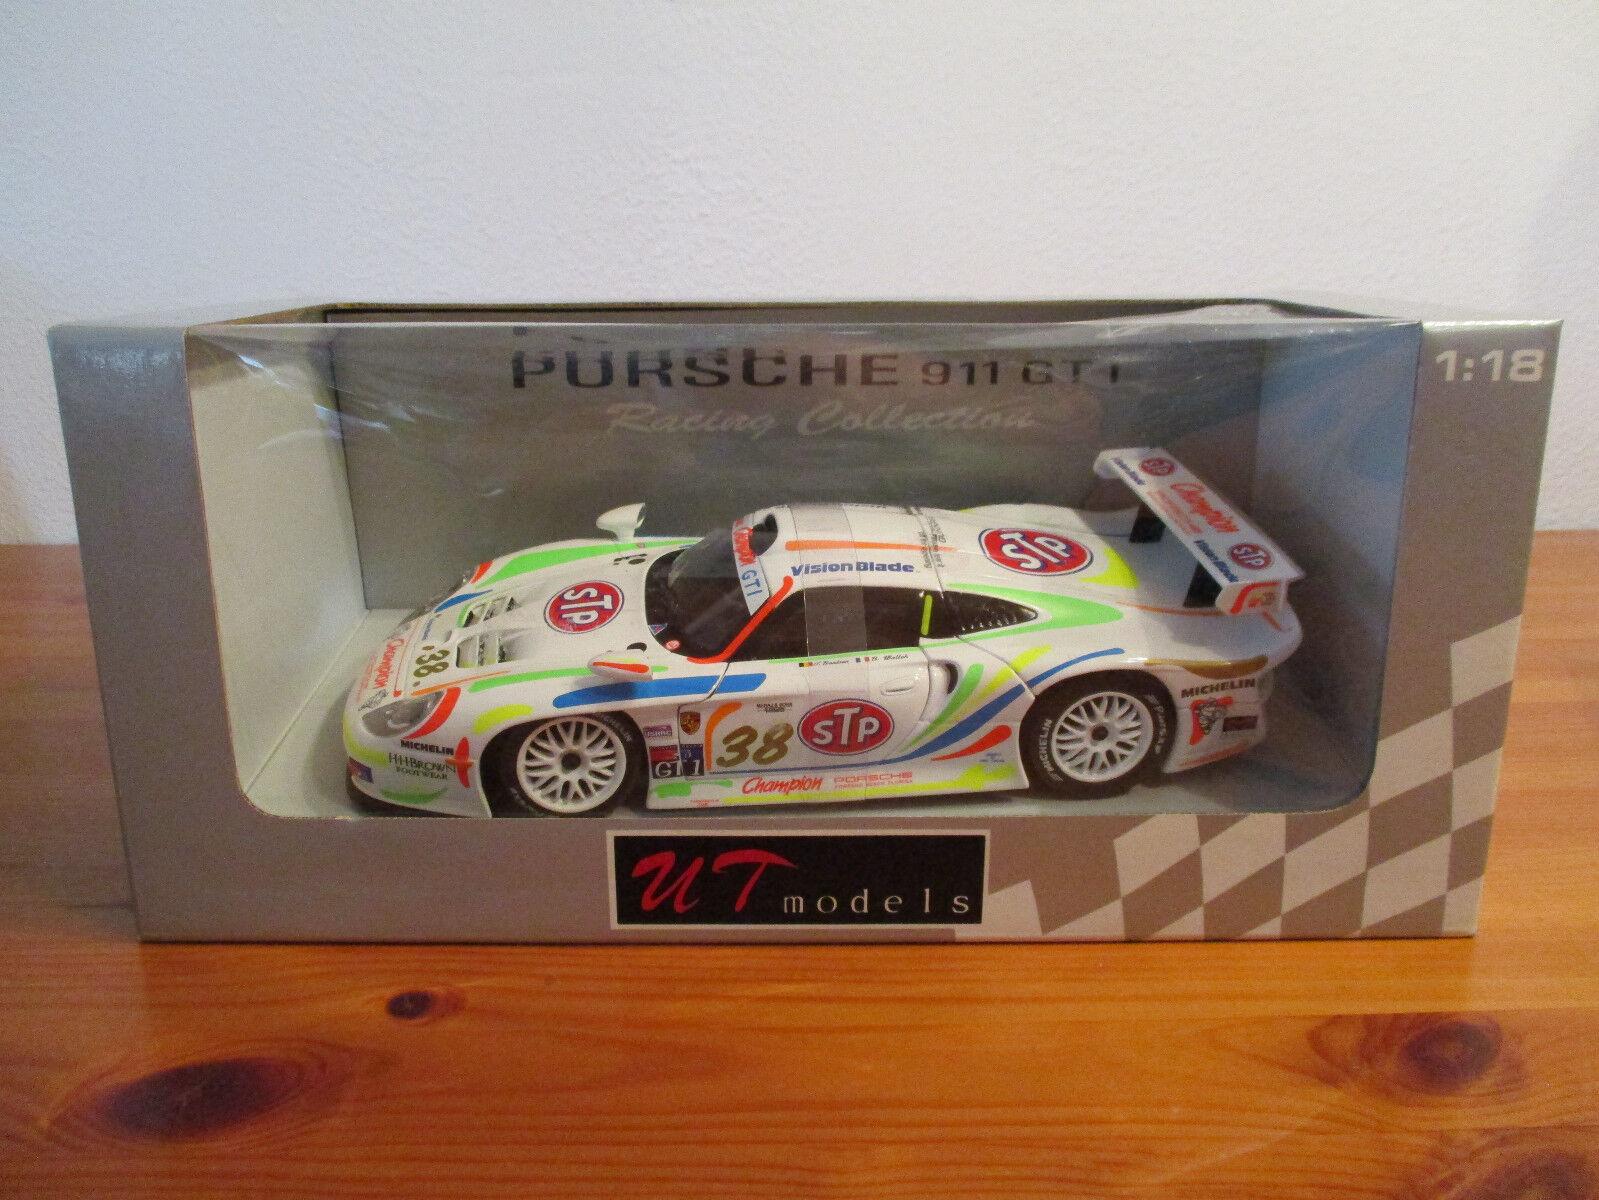 (Go) 1:18 Ut Modello Porsche 911 GT1 Nuovo Conf. Orig. #38